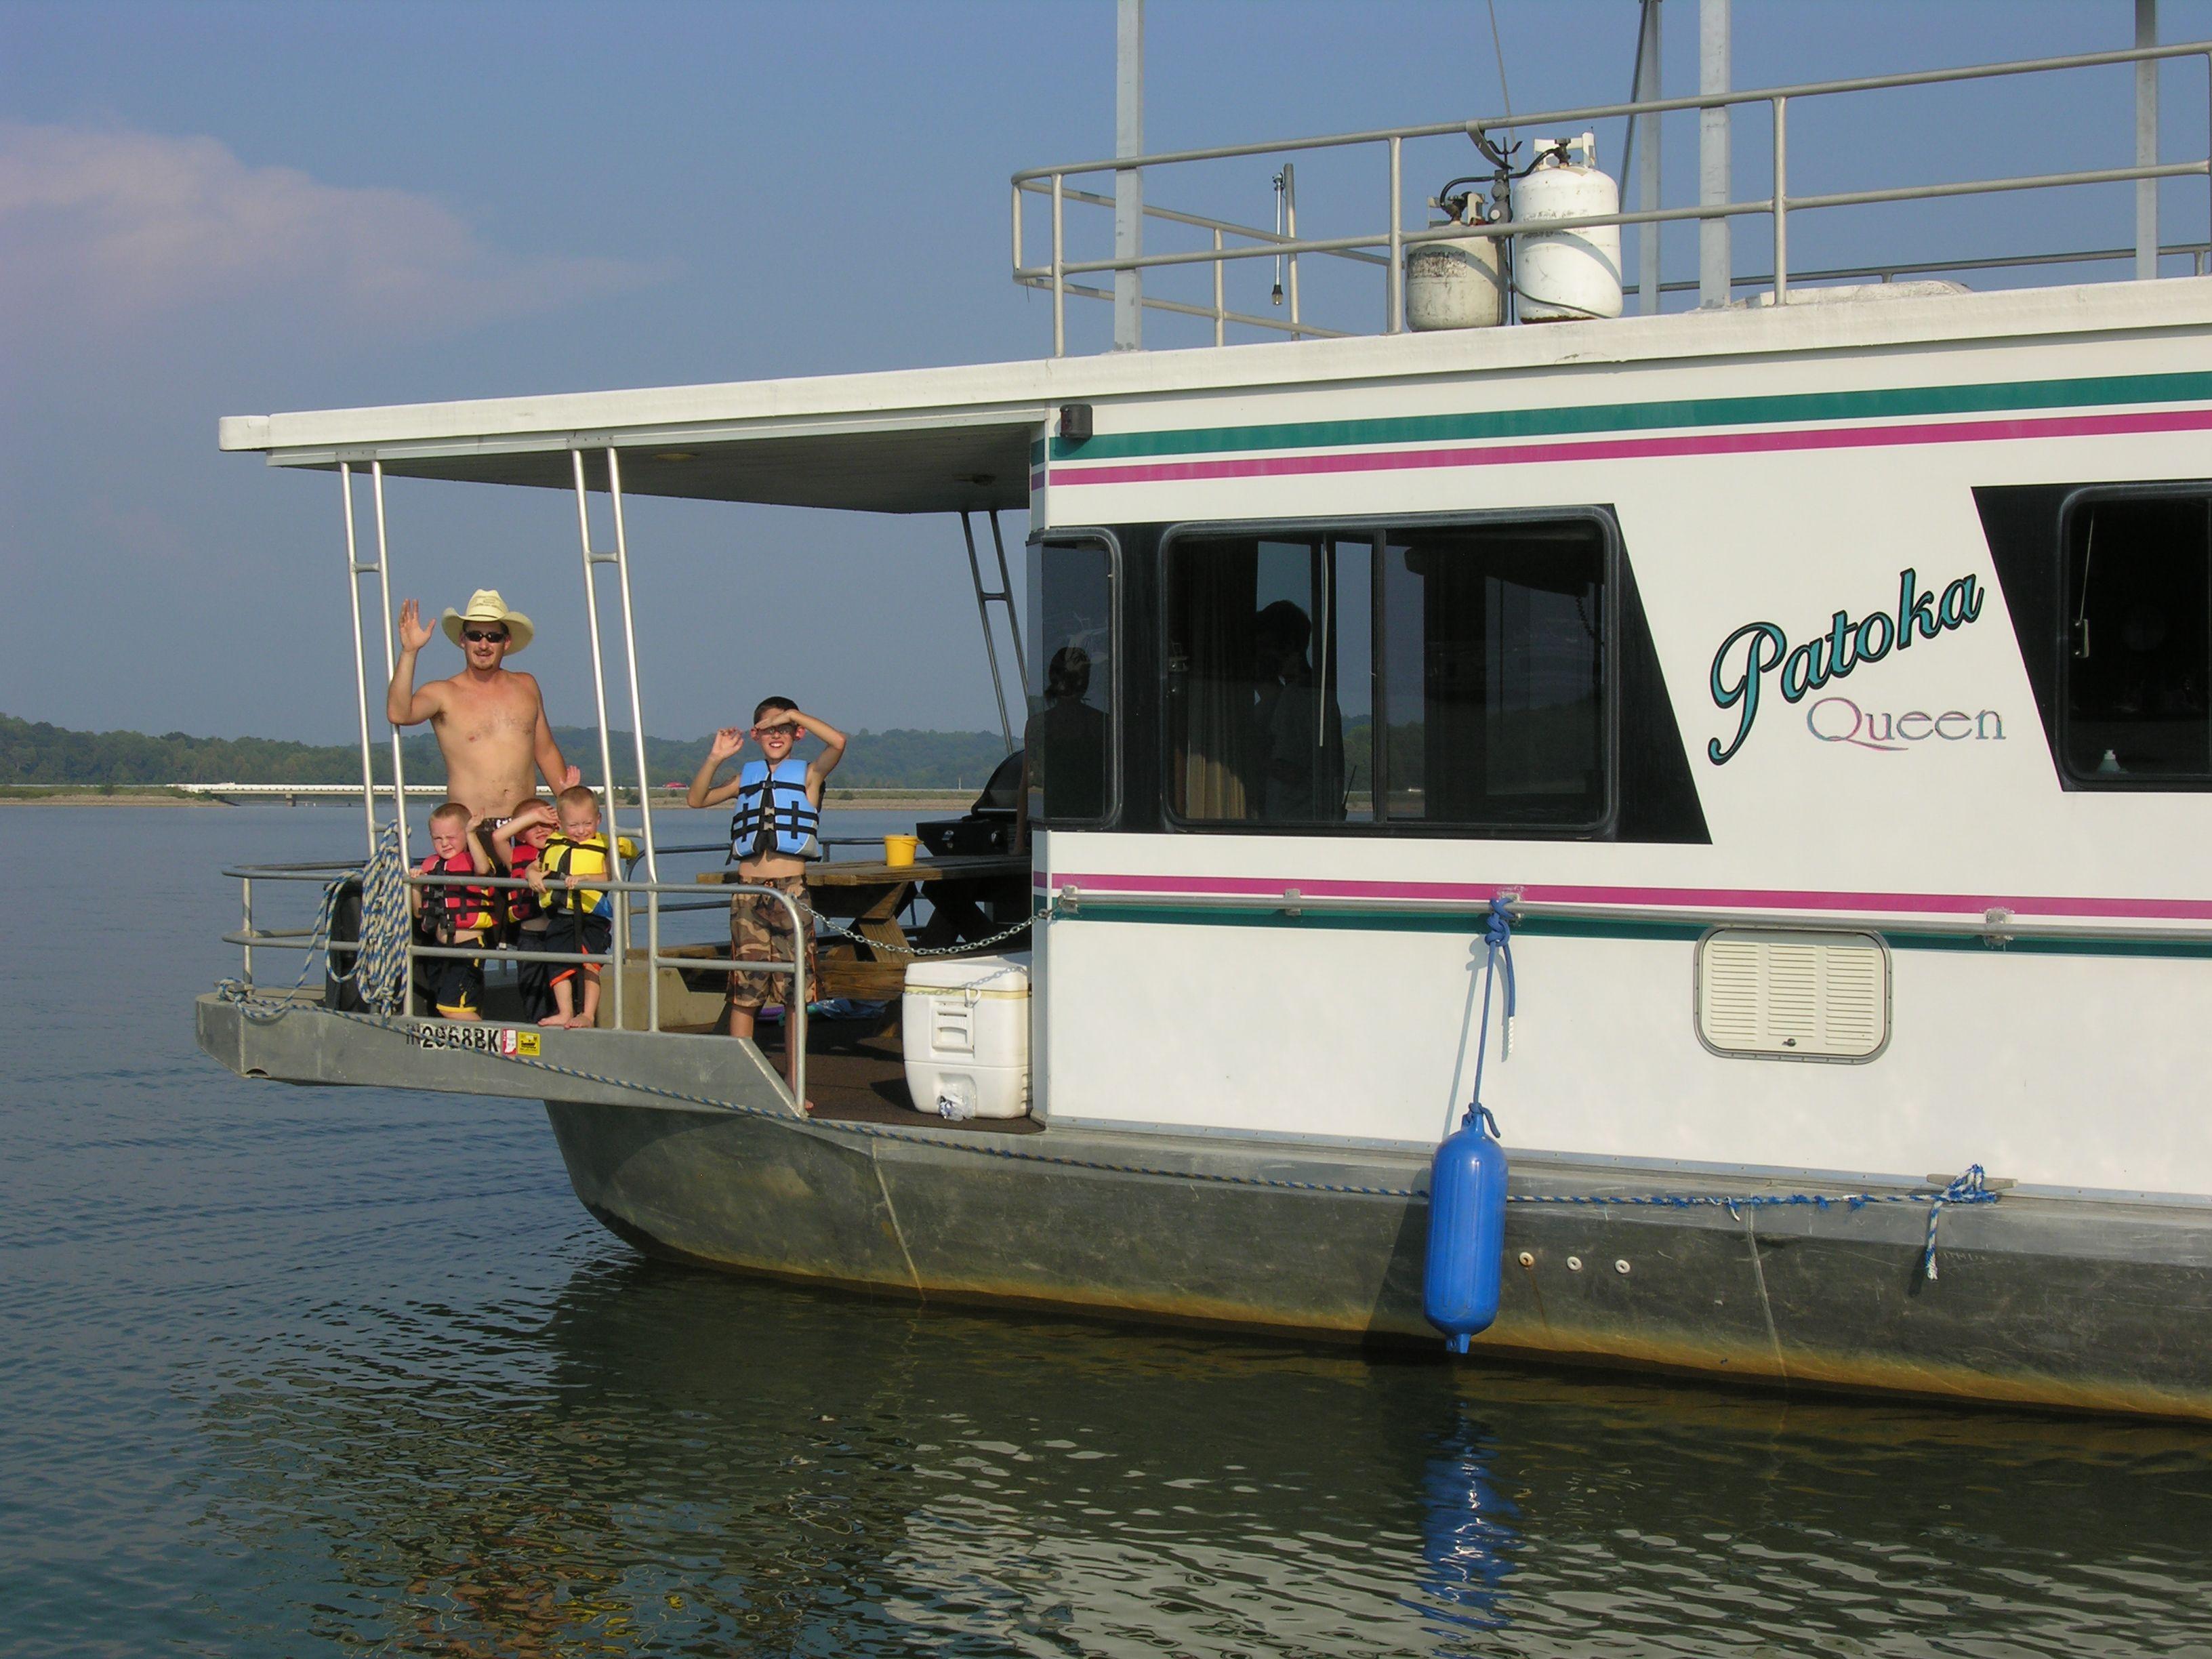 Houseboating vacations are offered at patoka lake marina